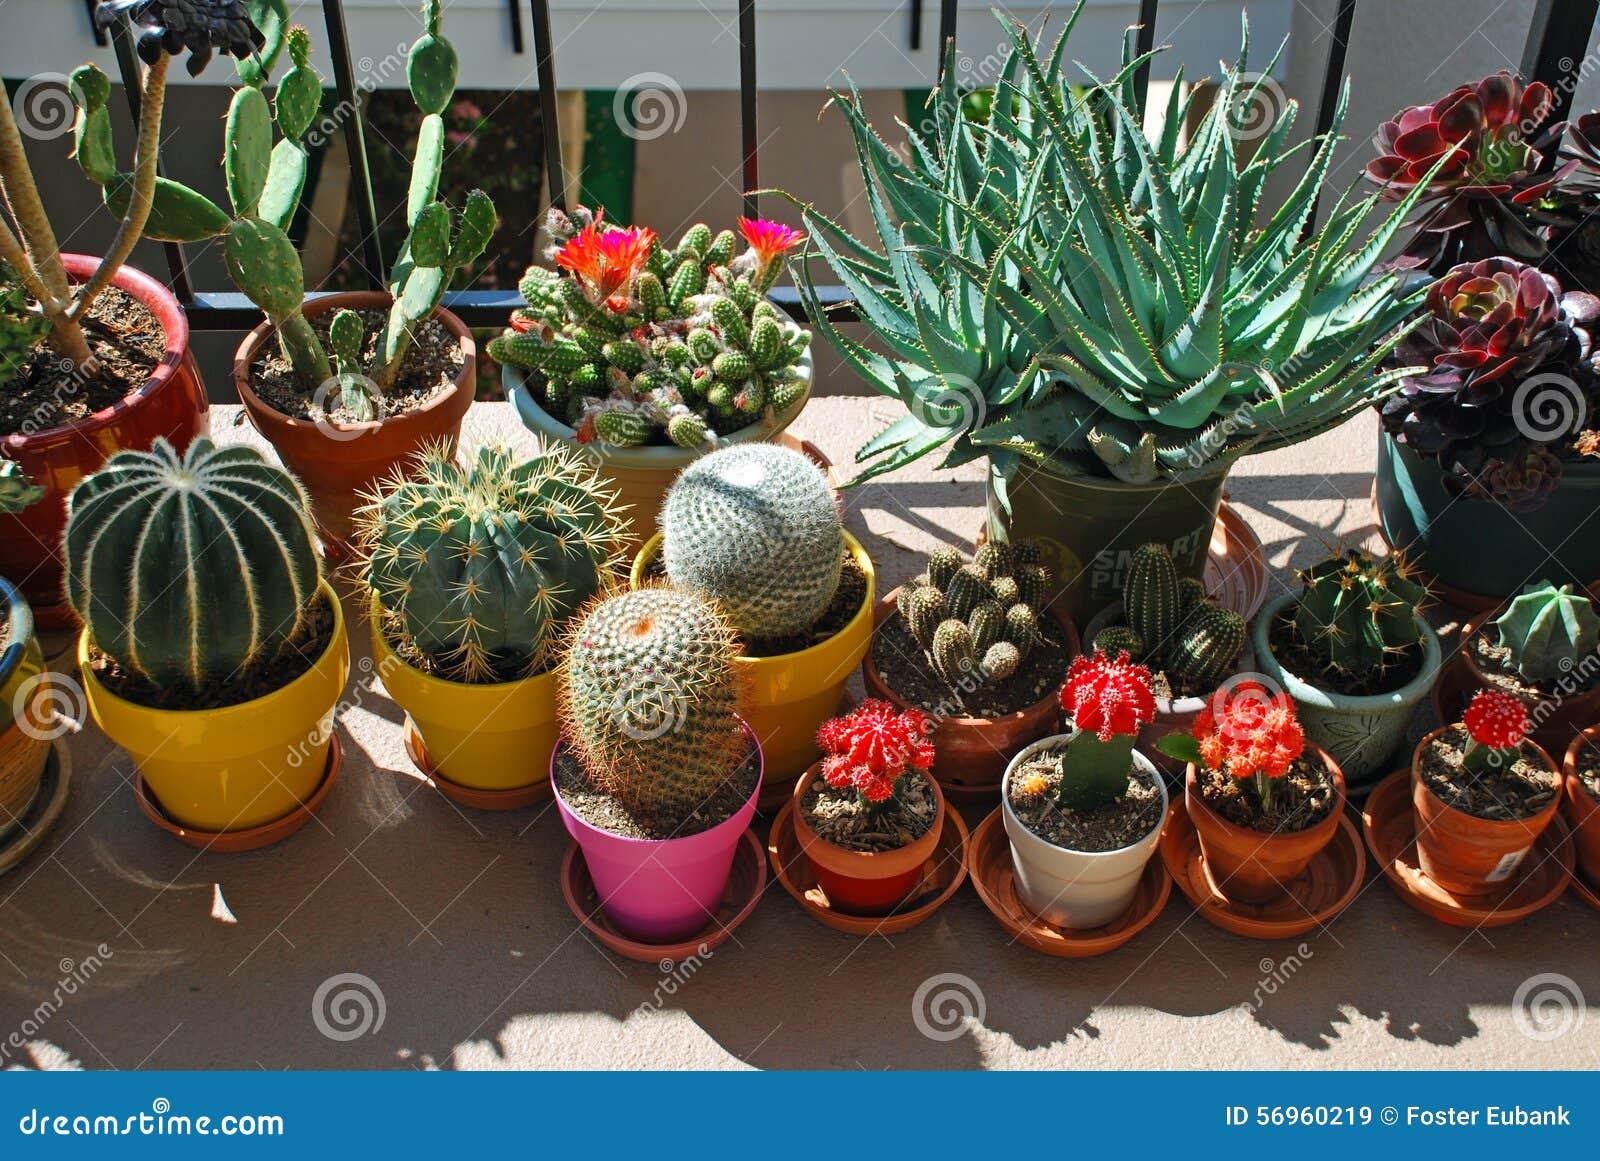 jardin mis en pot de cactus sur un passage couvert niveau. Black Bedroom Furniture Sets. Home Design Ideas